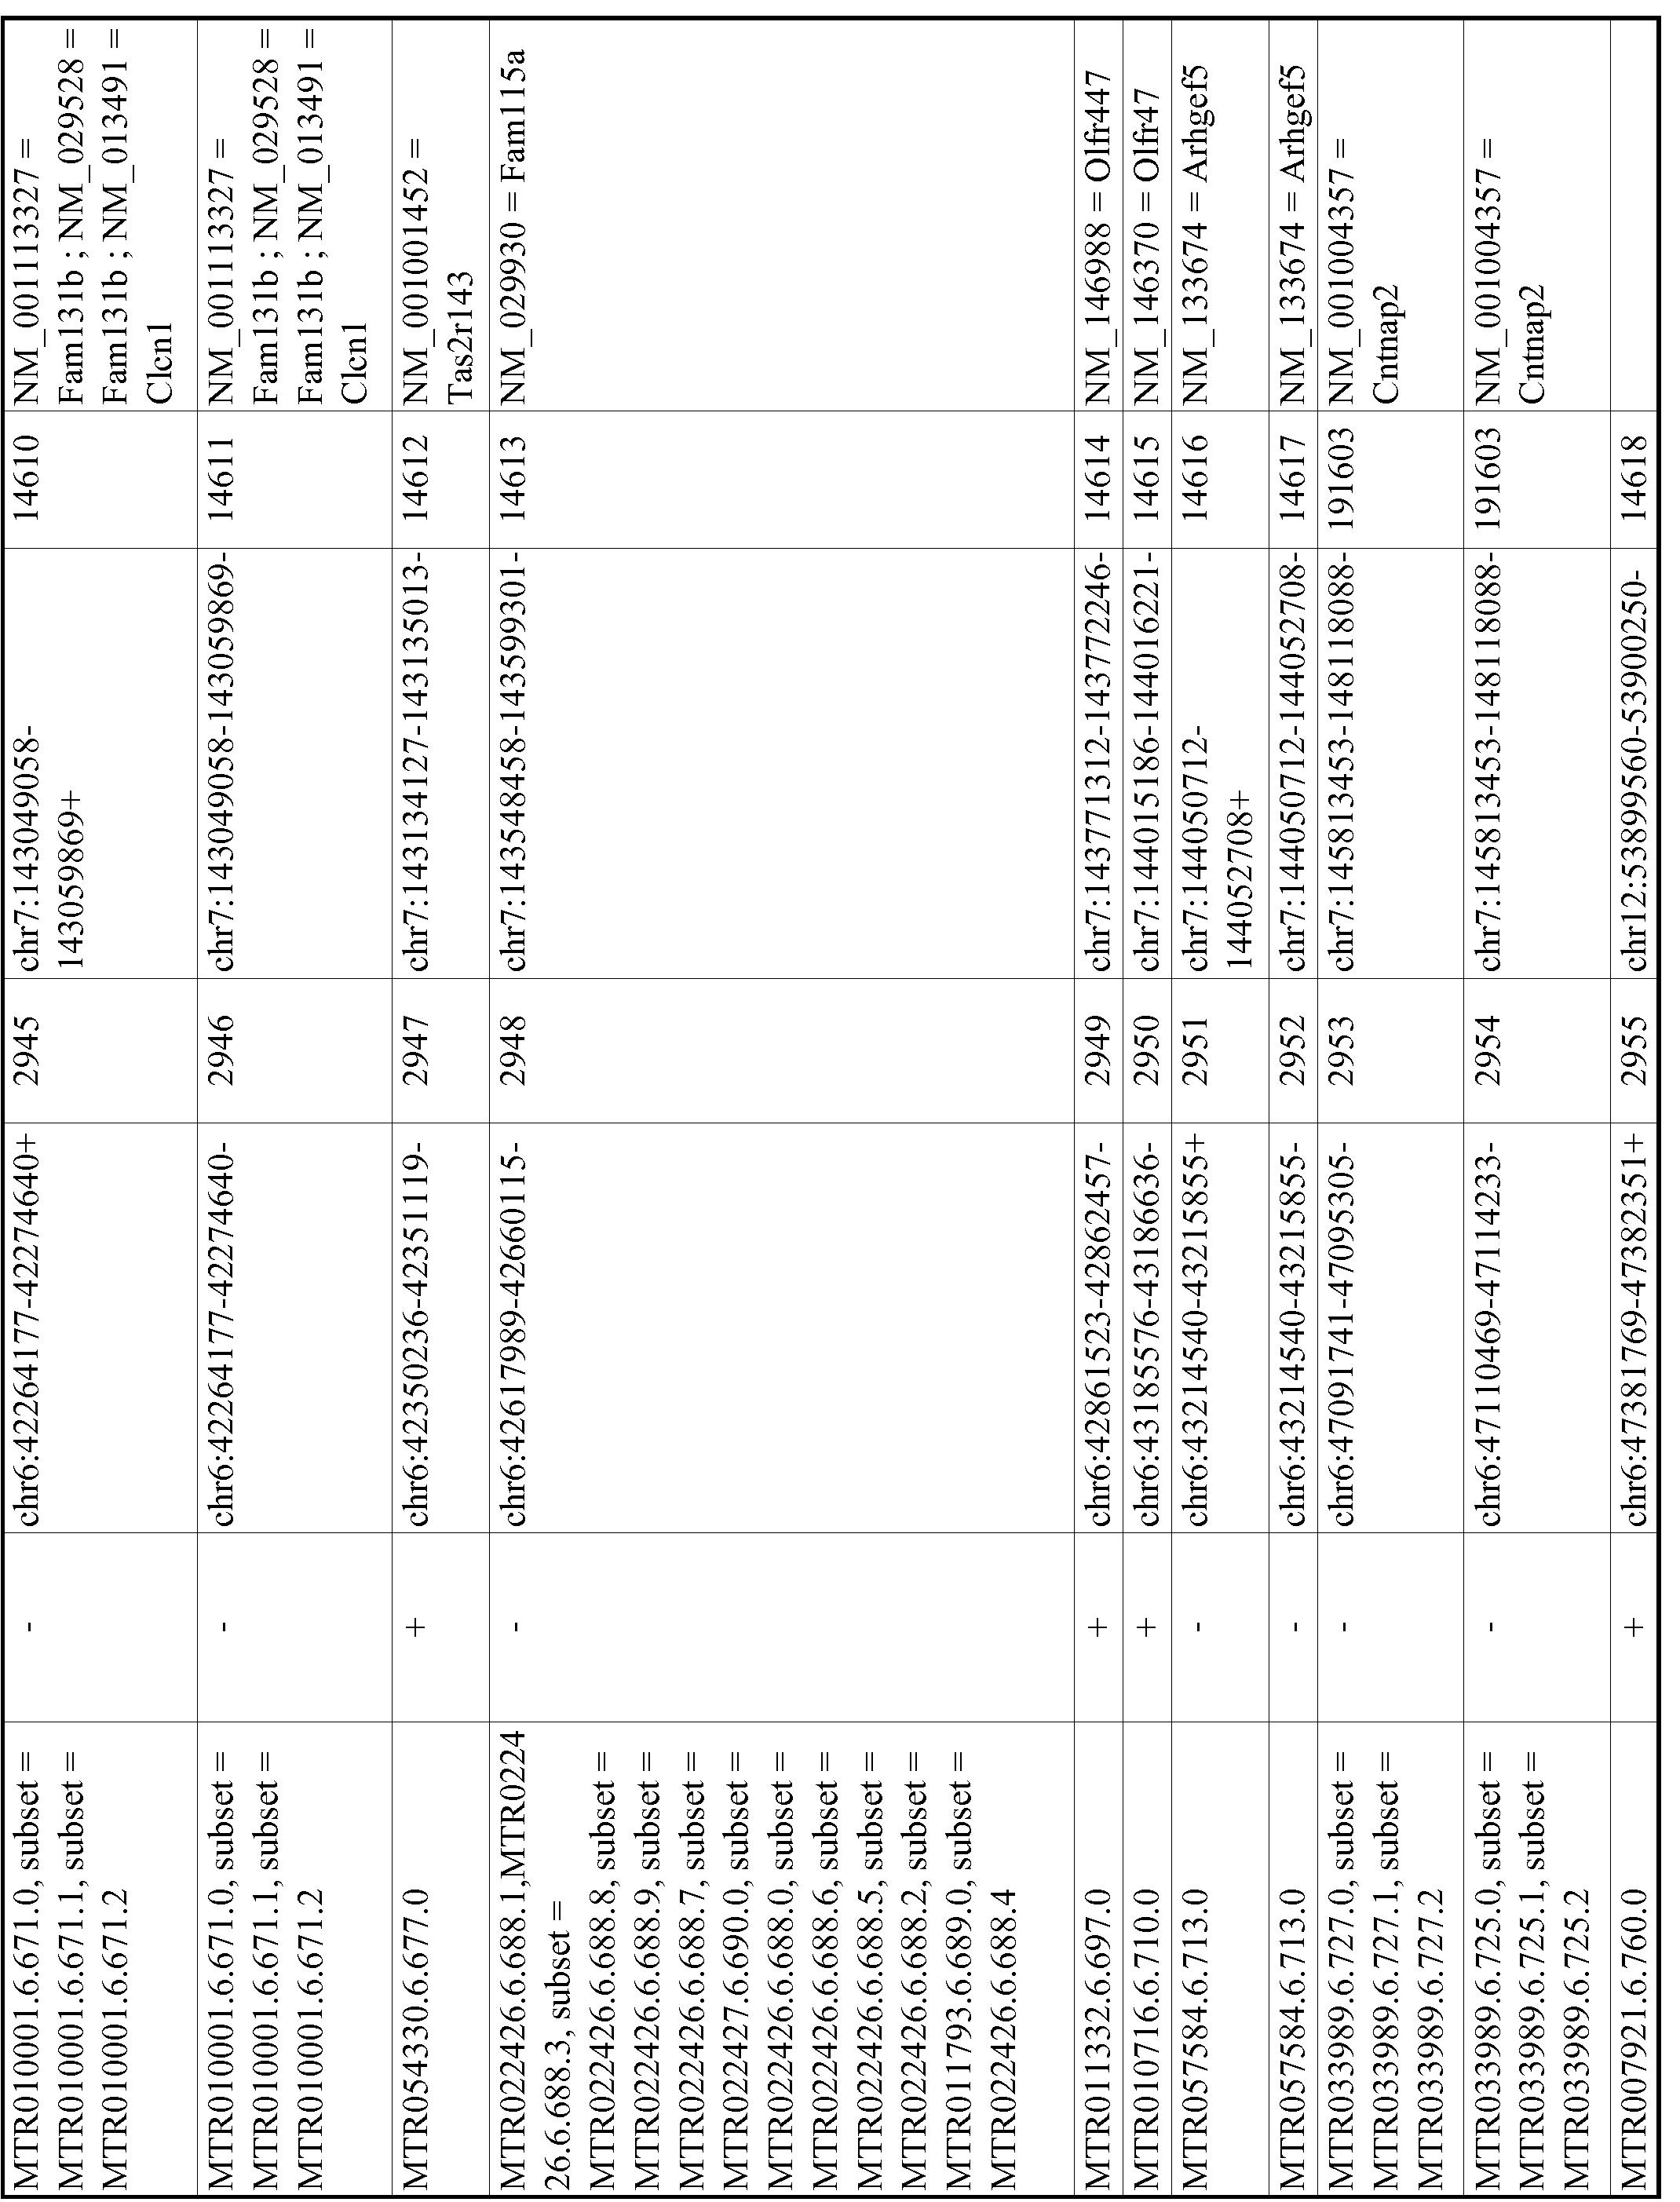 Figure imgf000597_0001